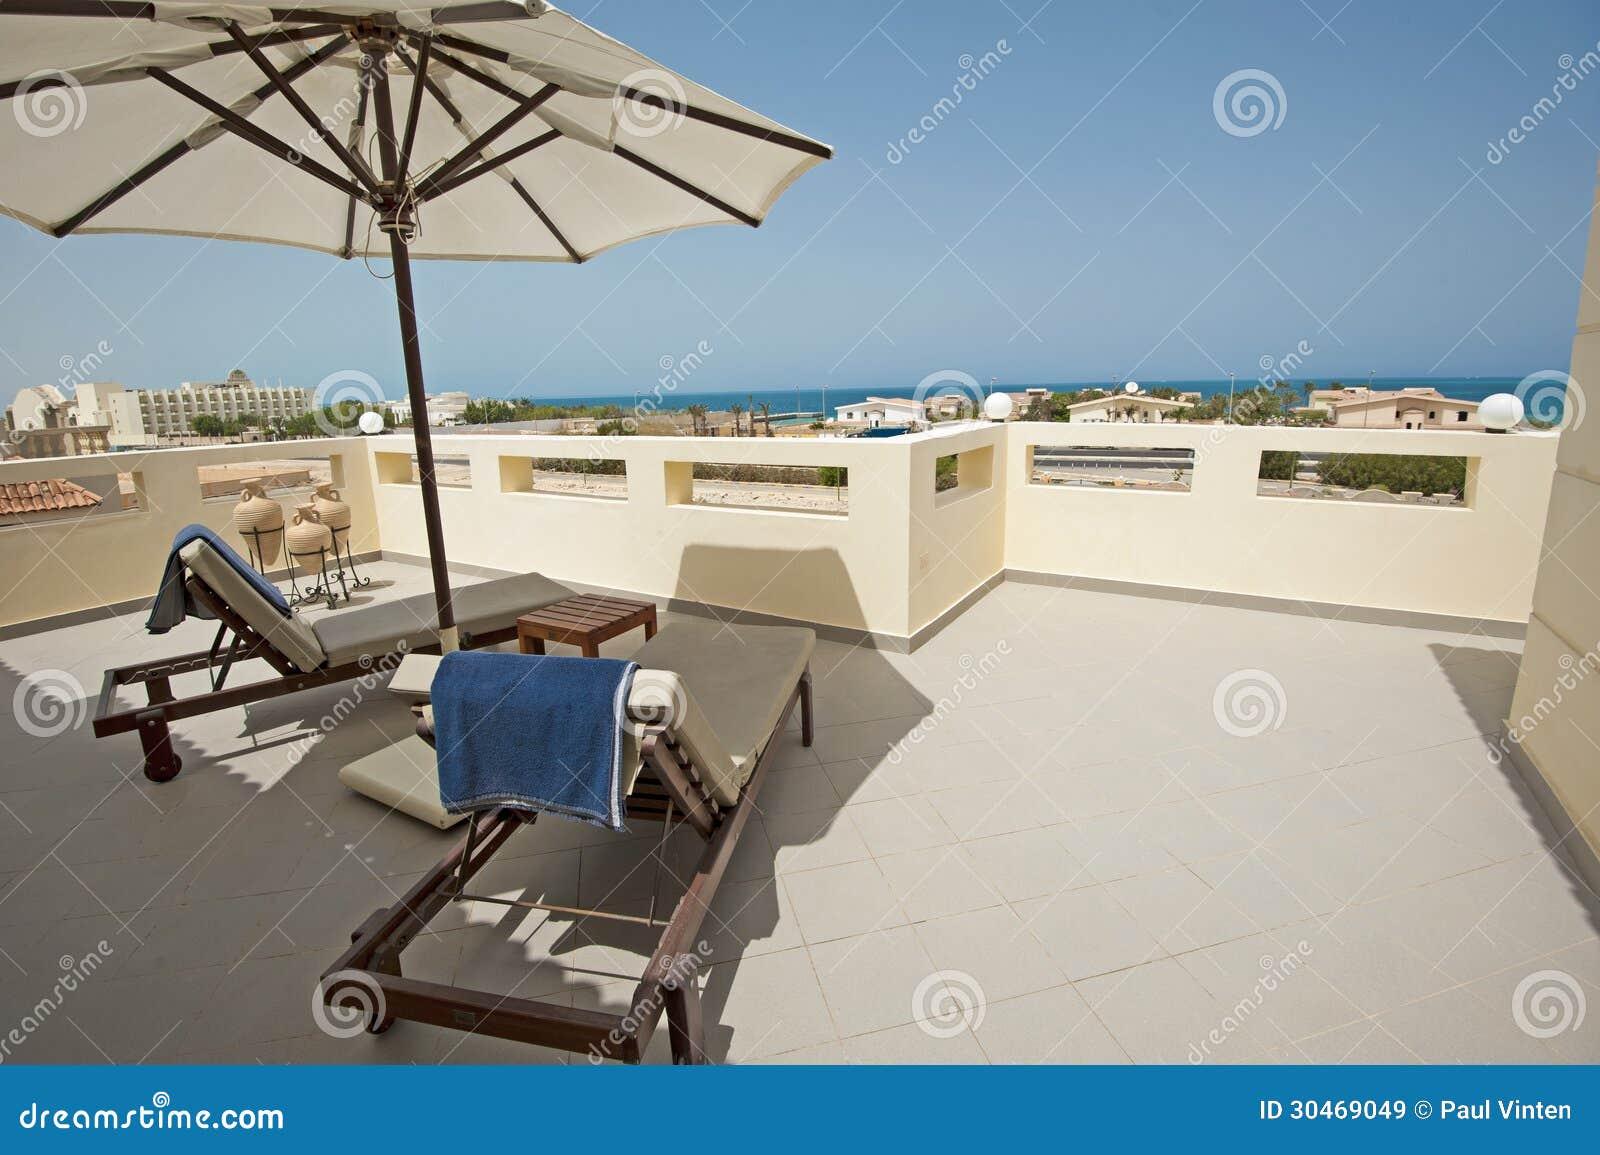 dakterras van een luxe tropische villa royalty vrije stock afbeeldingen afbeelding 30469049. Black Bedroom Furniture Sets. Home Design Ideas